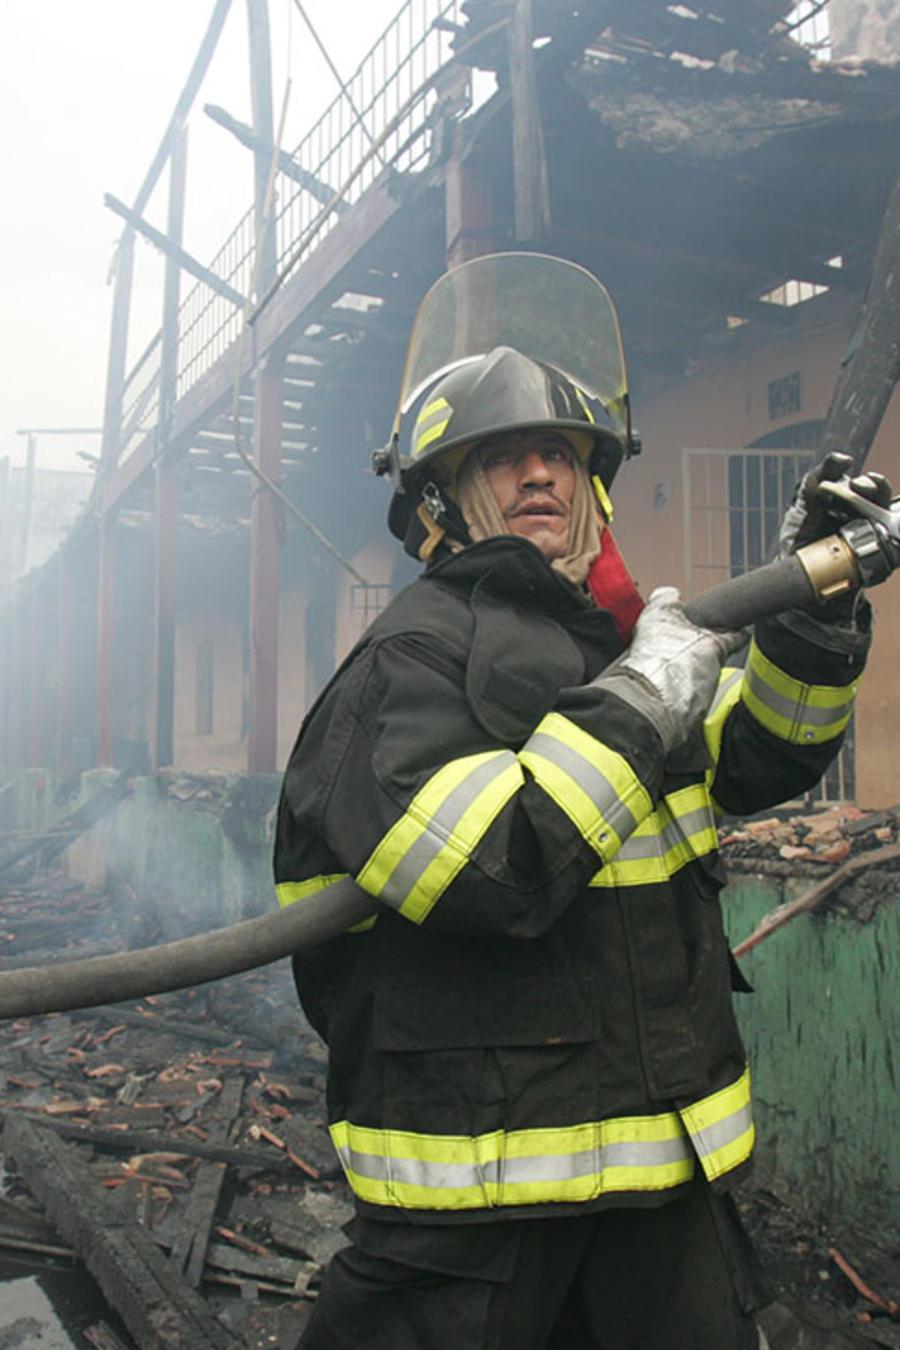 En esta imagen de archivo, dos bomberos ecuatorianos trabajan para socavar un incendio.